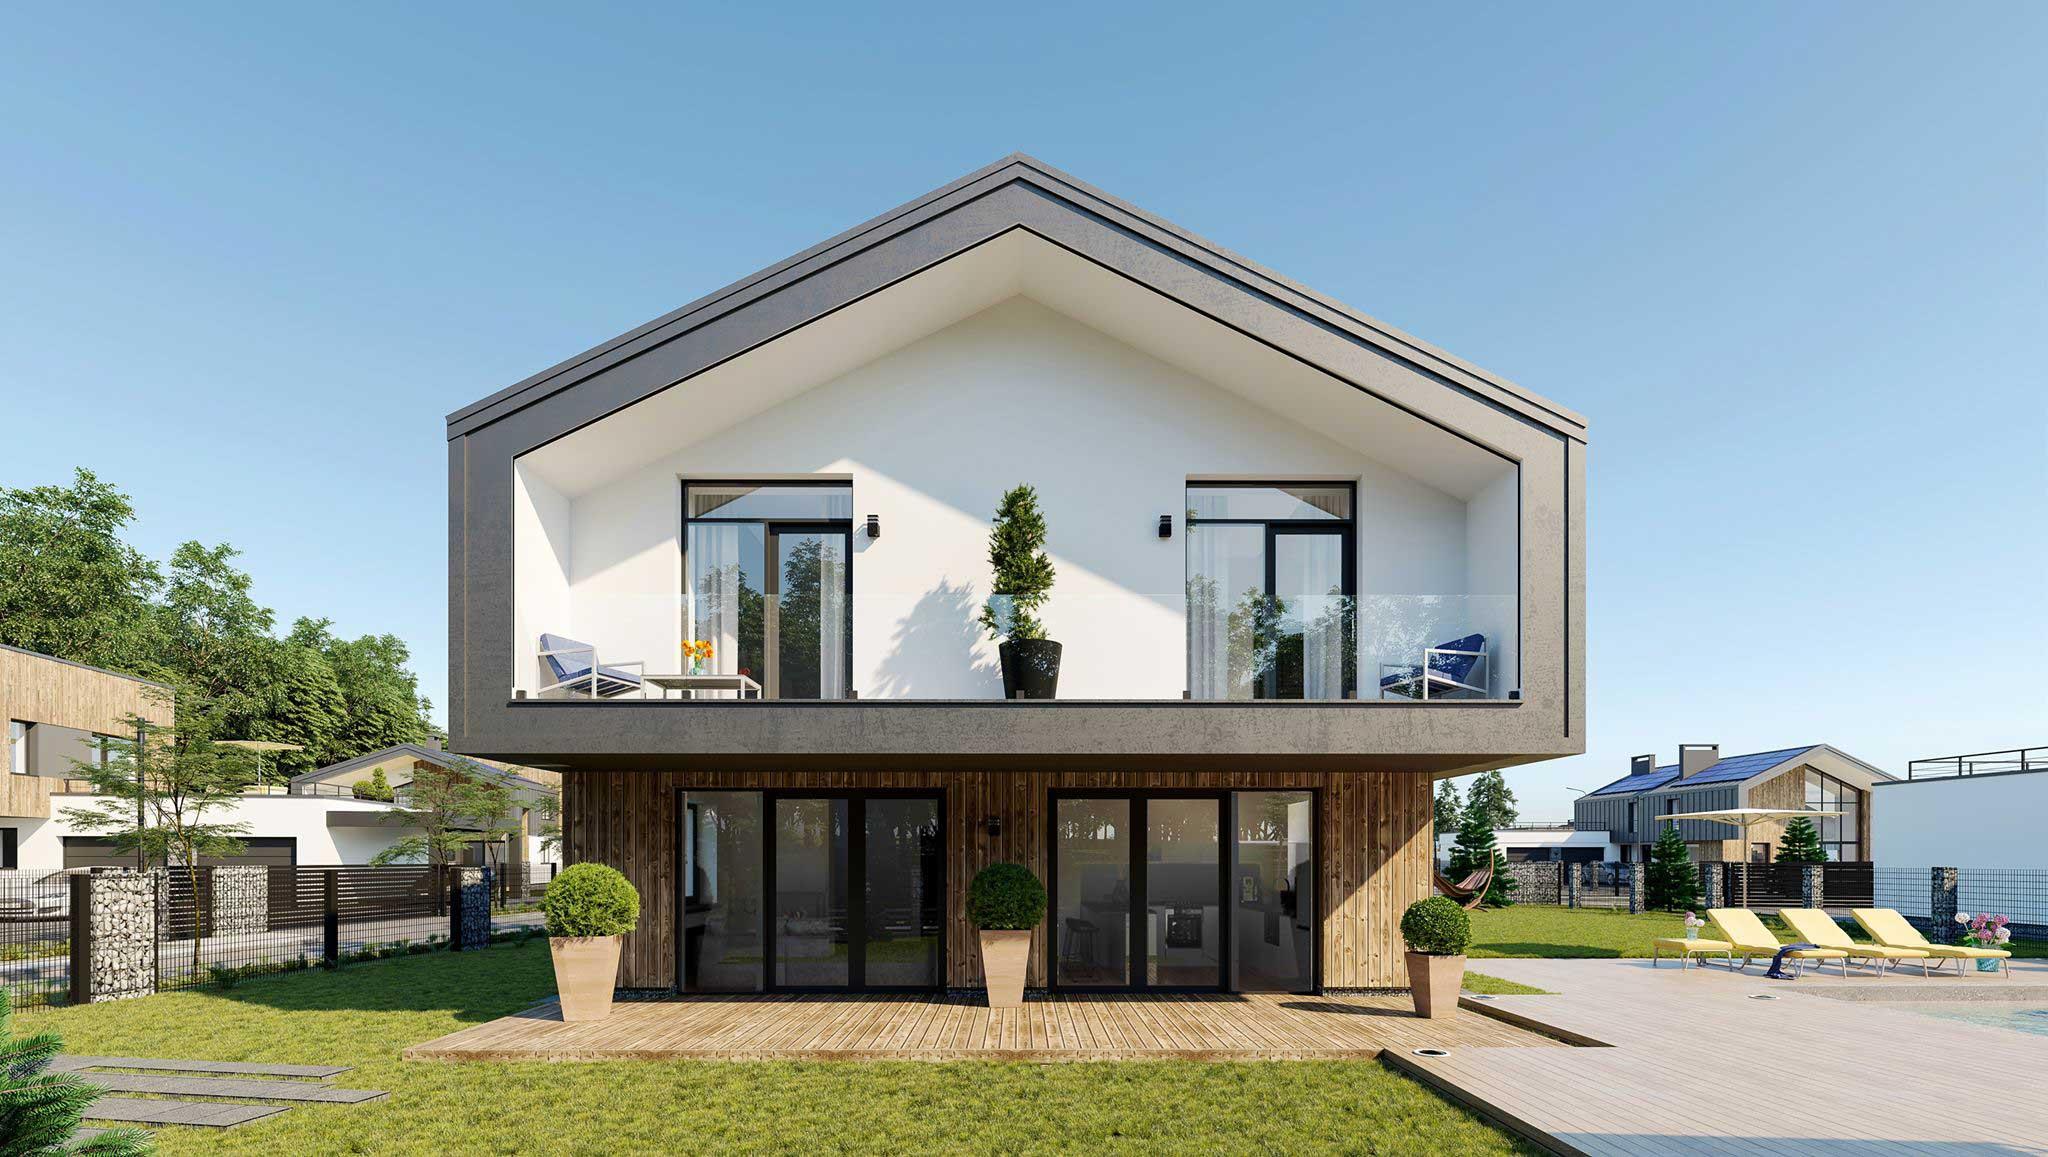 Тренди житлової нерухомості: як будуть виглядати наші домівки та міста в майбутньому?